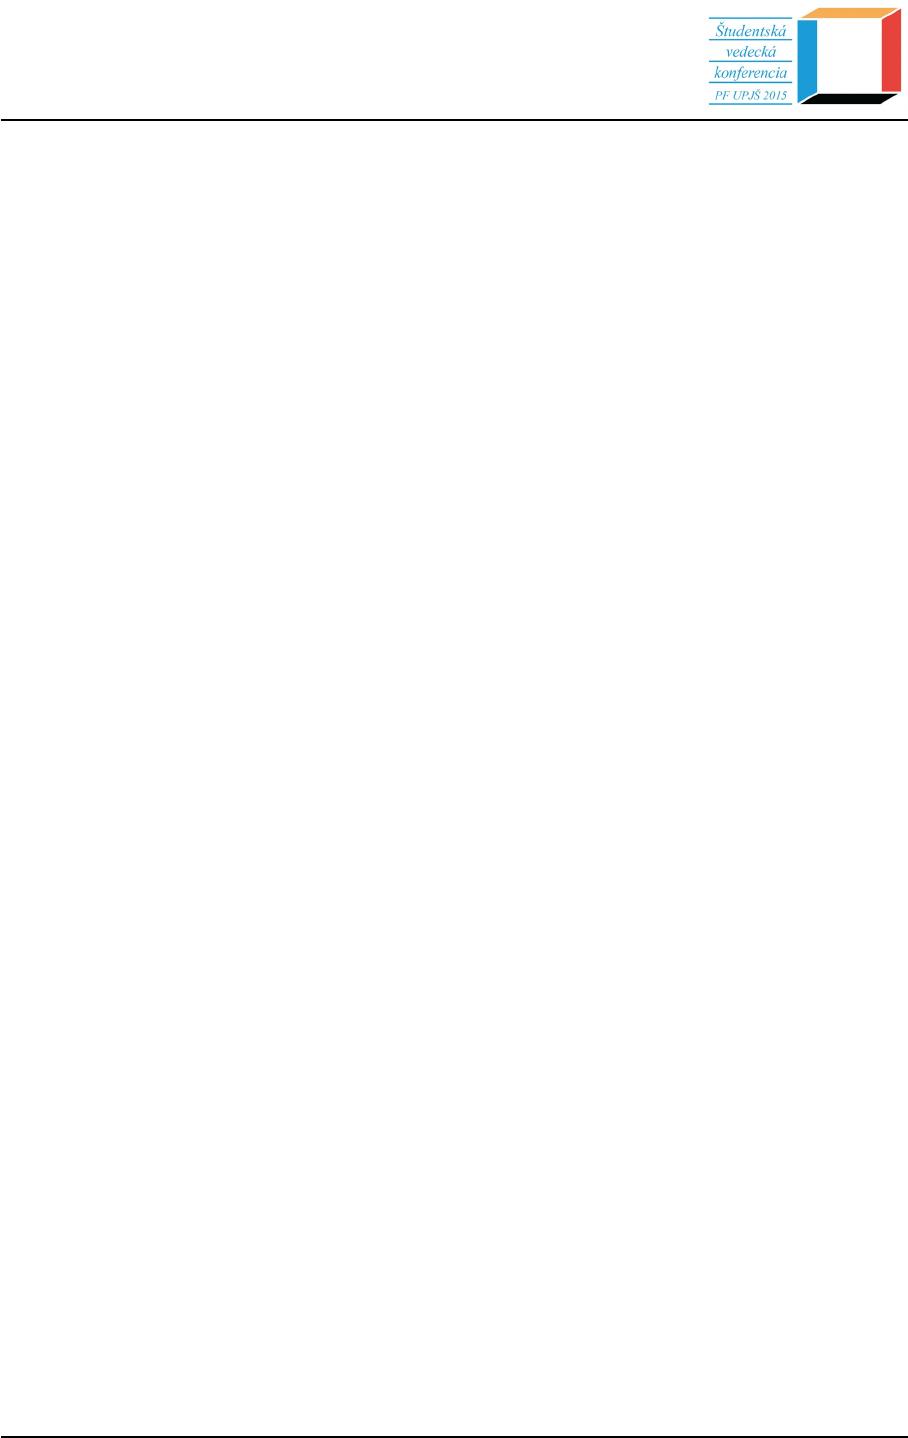 Parasyte - válasszon kirakós játékot a megoldanihoz - Fa parazita manga